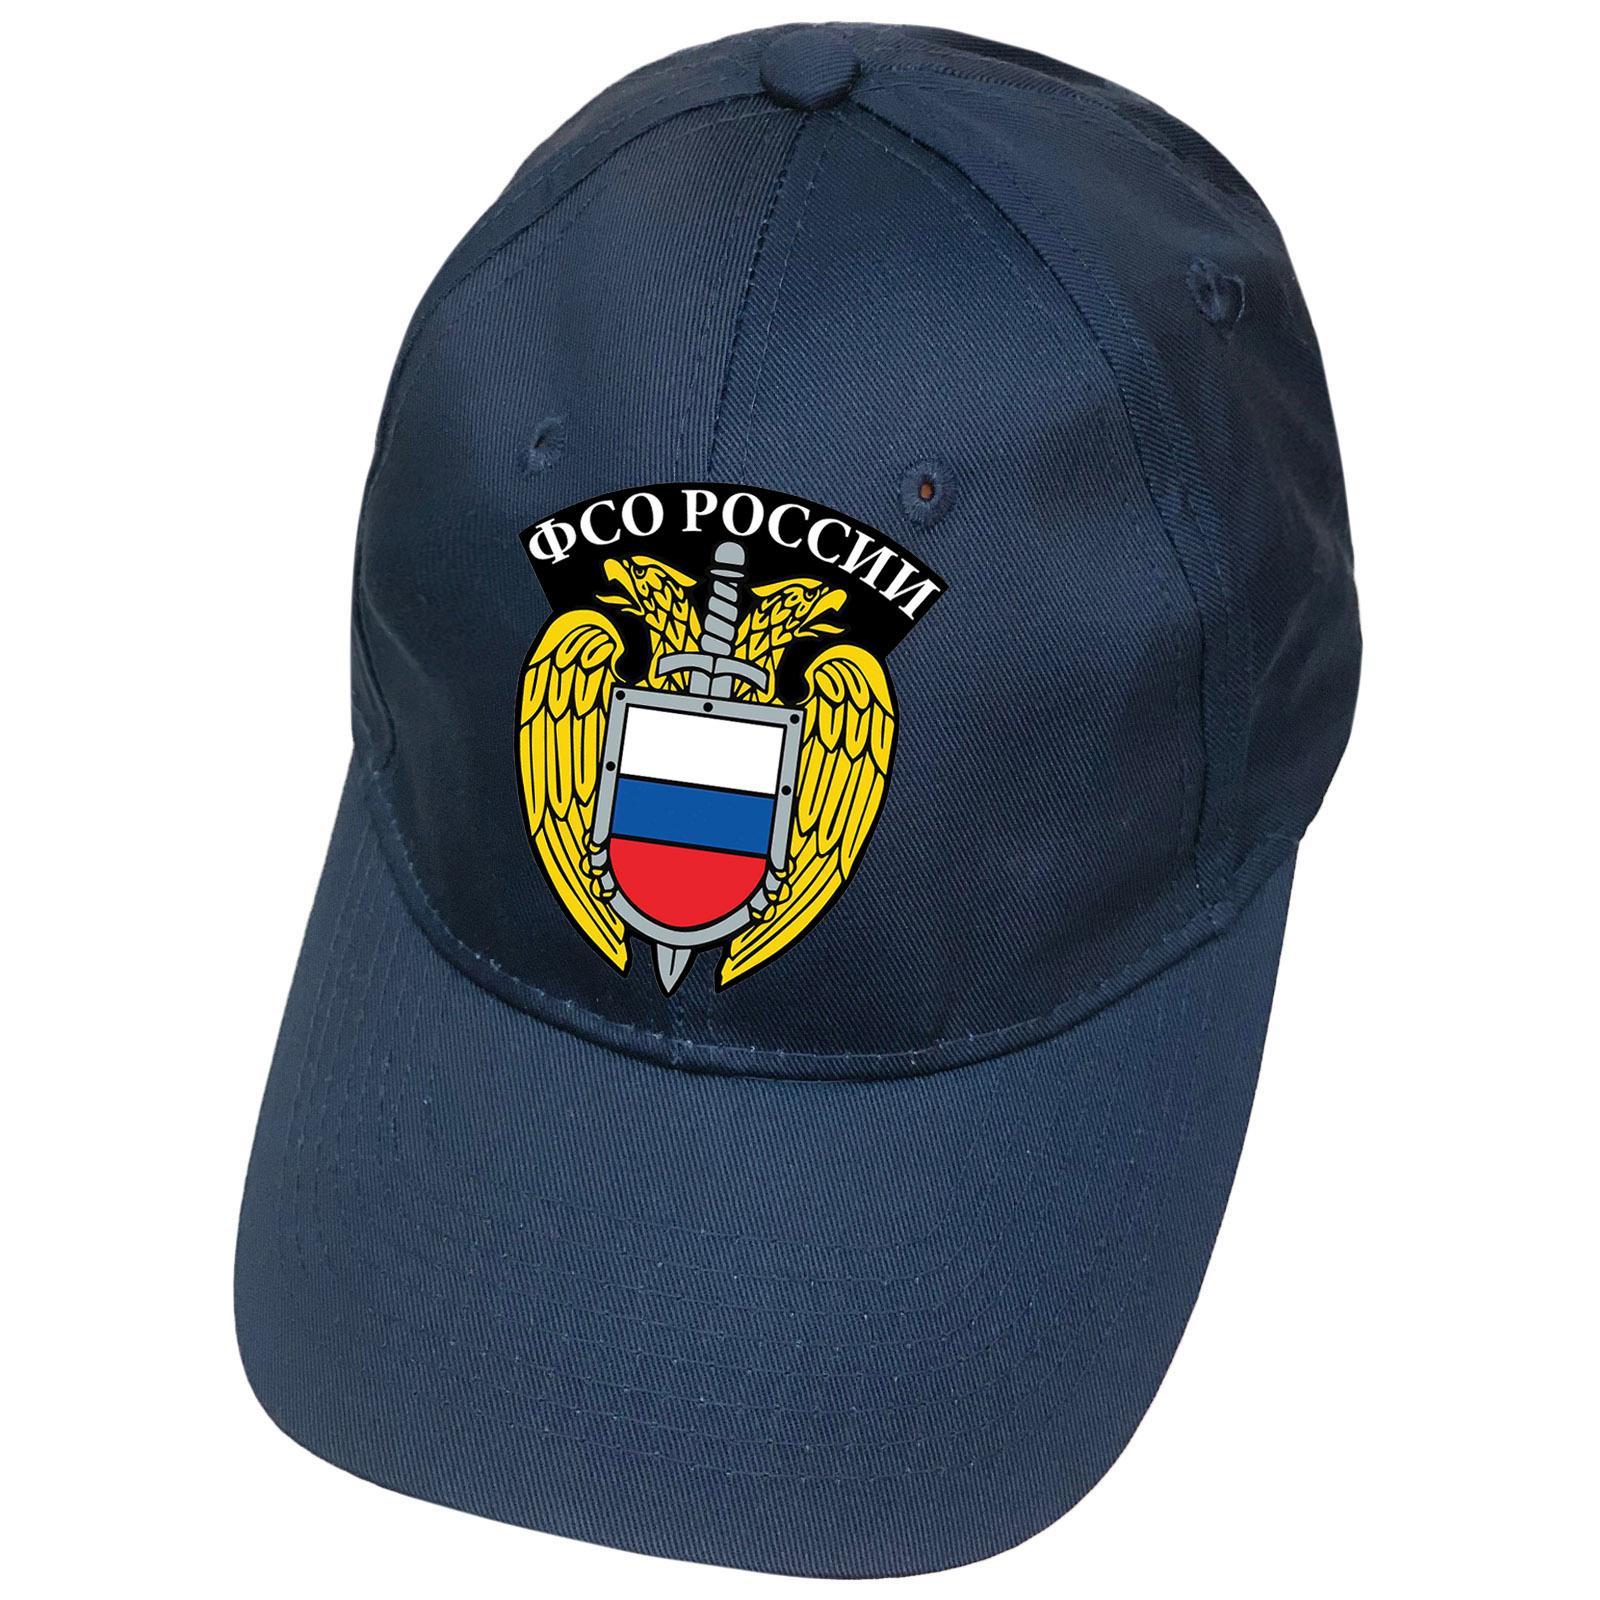 Кепка-бейсболка ФСО России